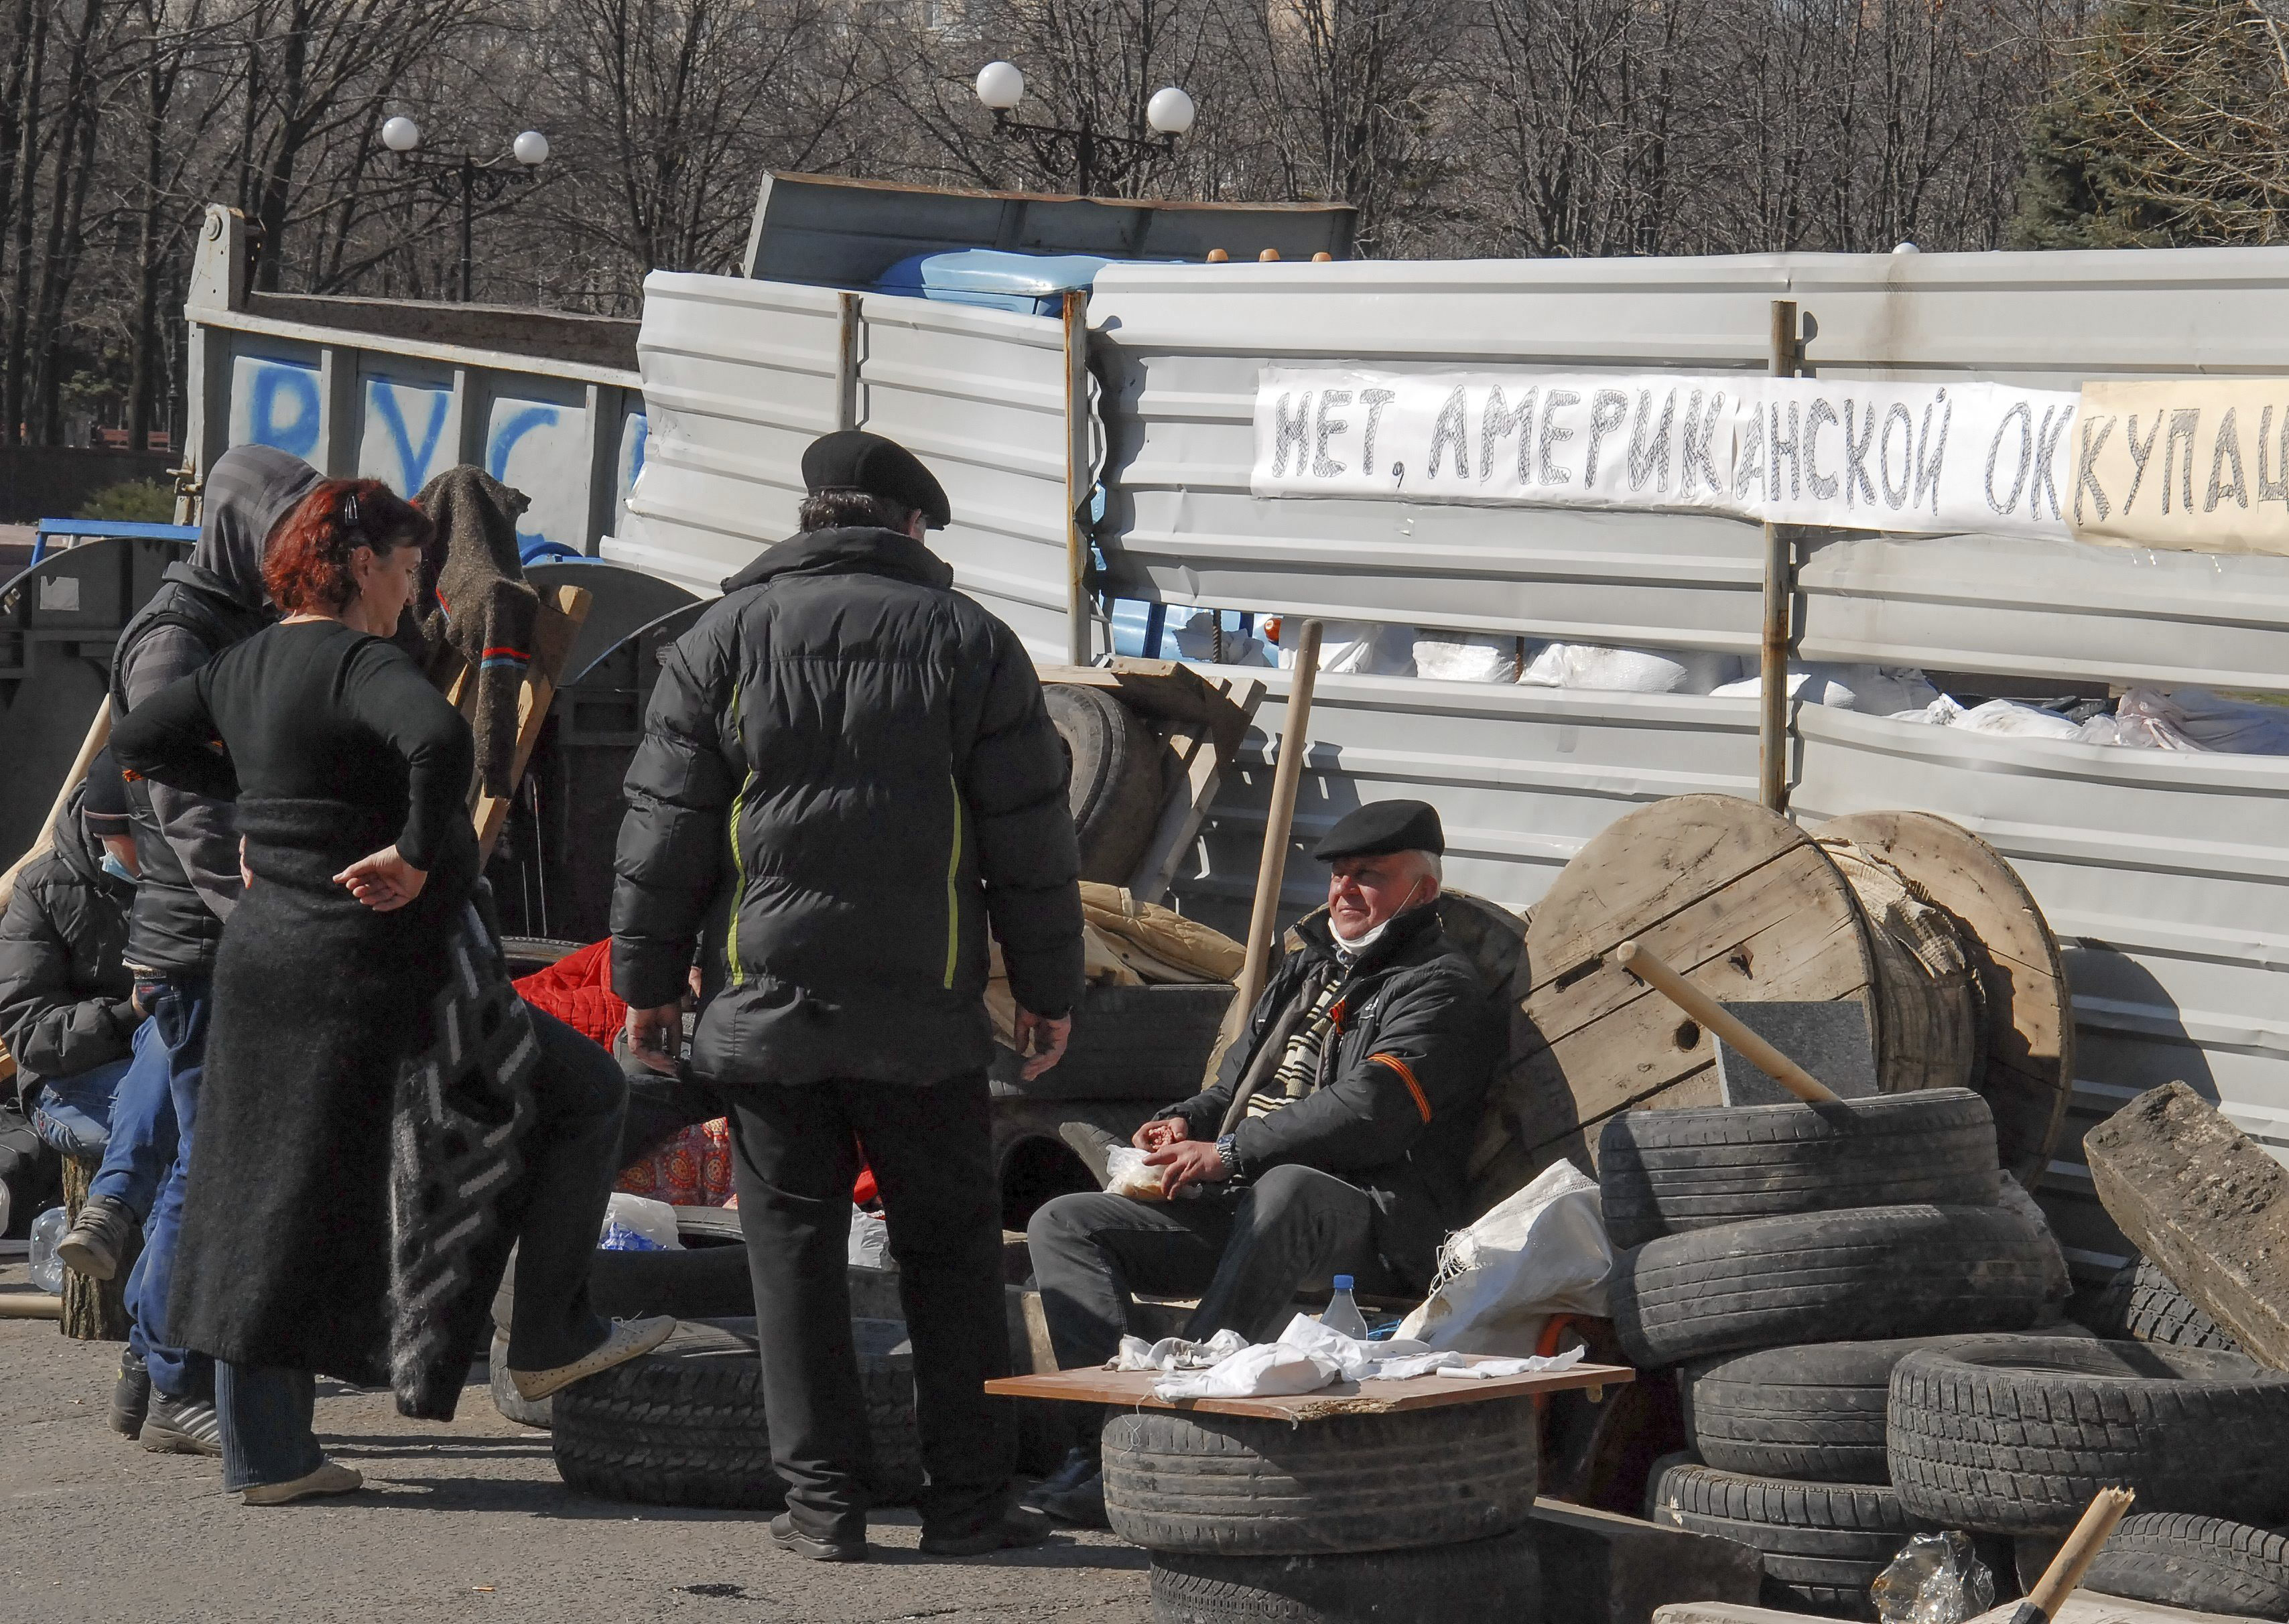 La crisis en Lugansk será resuelta en dos días, según el ministro del Interior ucraniano